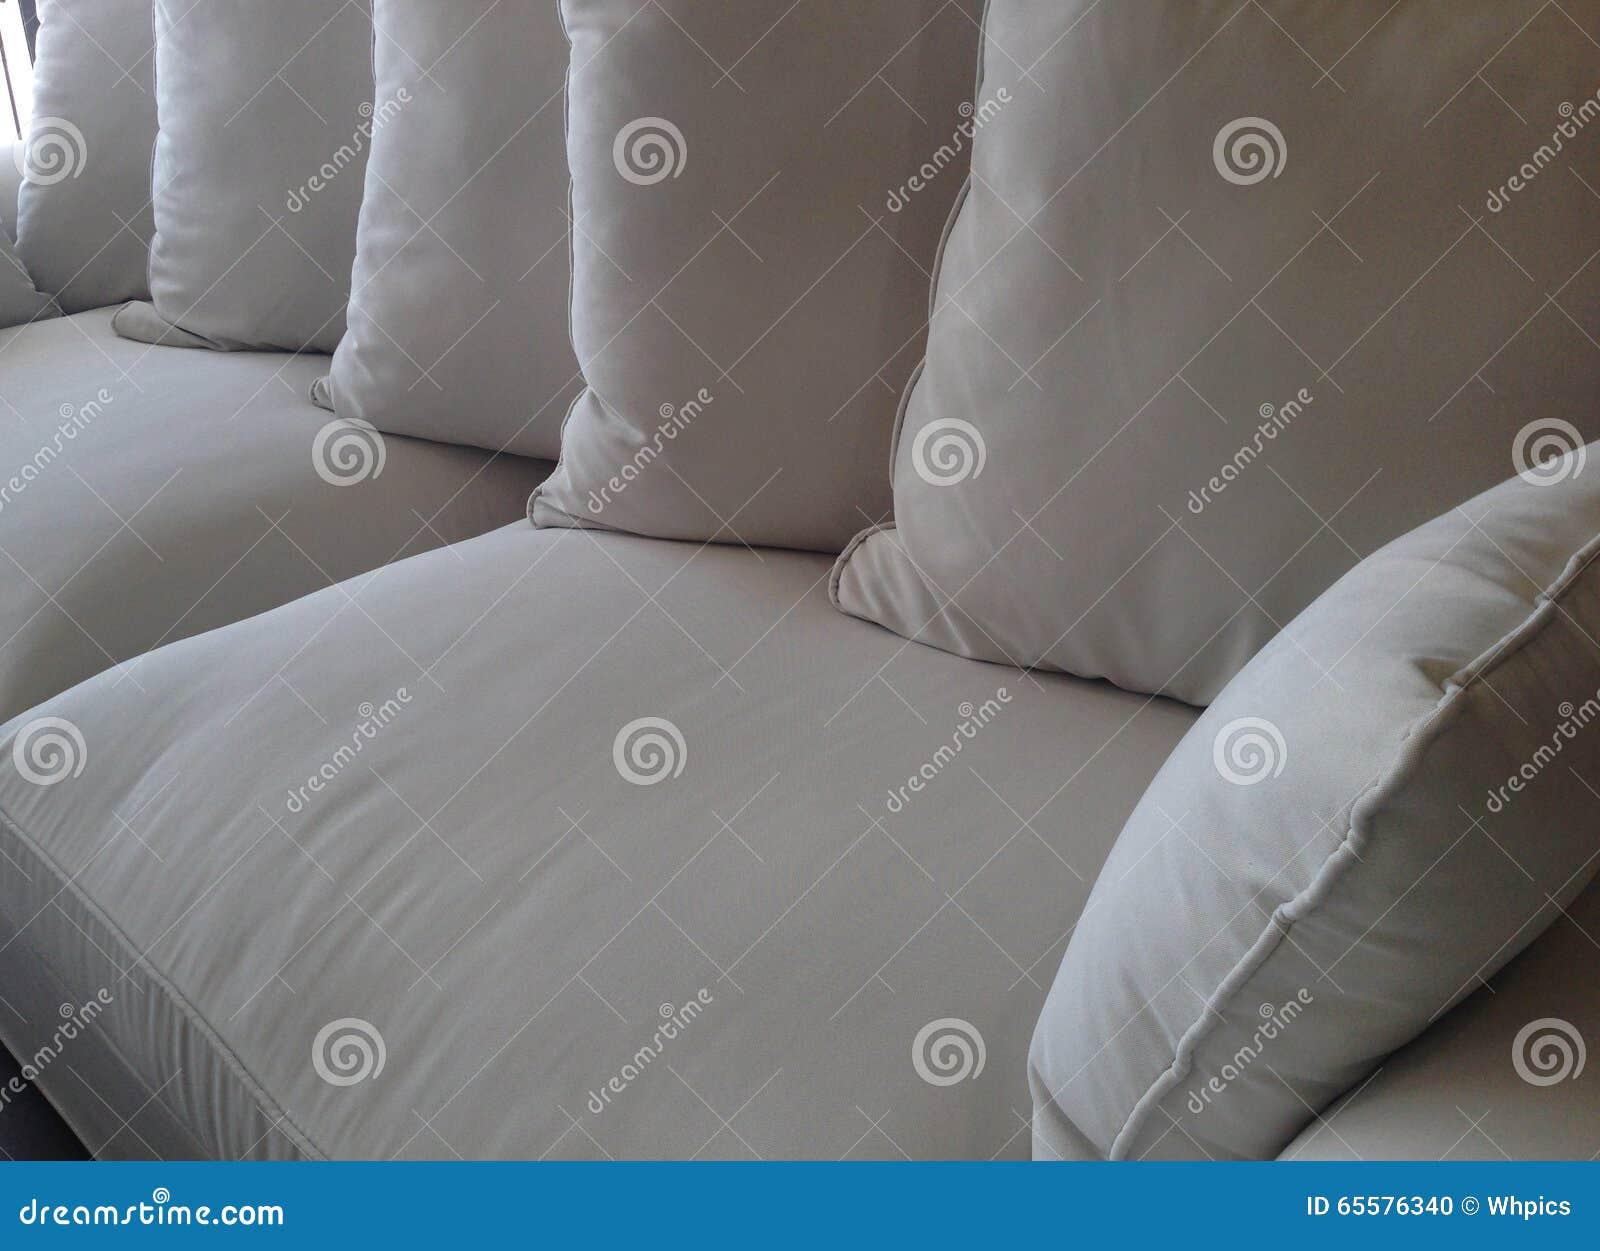 Coxins no detalhe do sofá